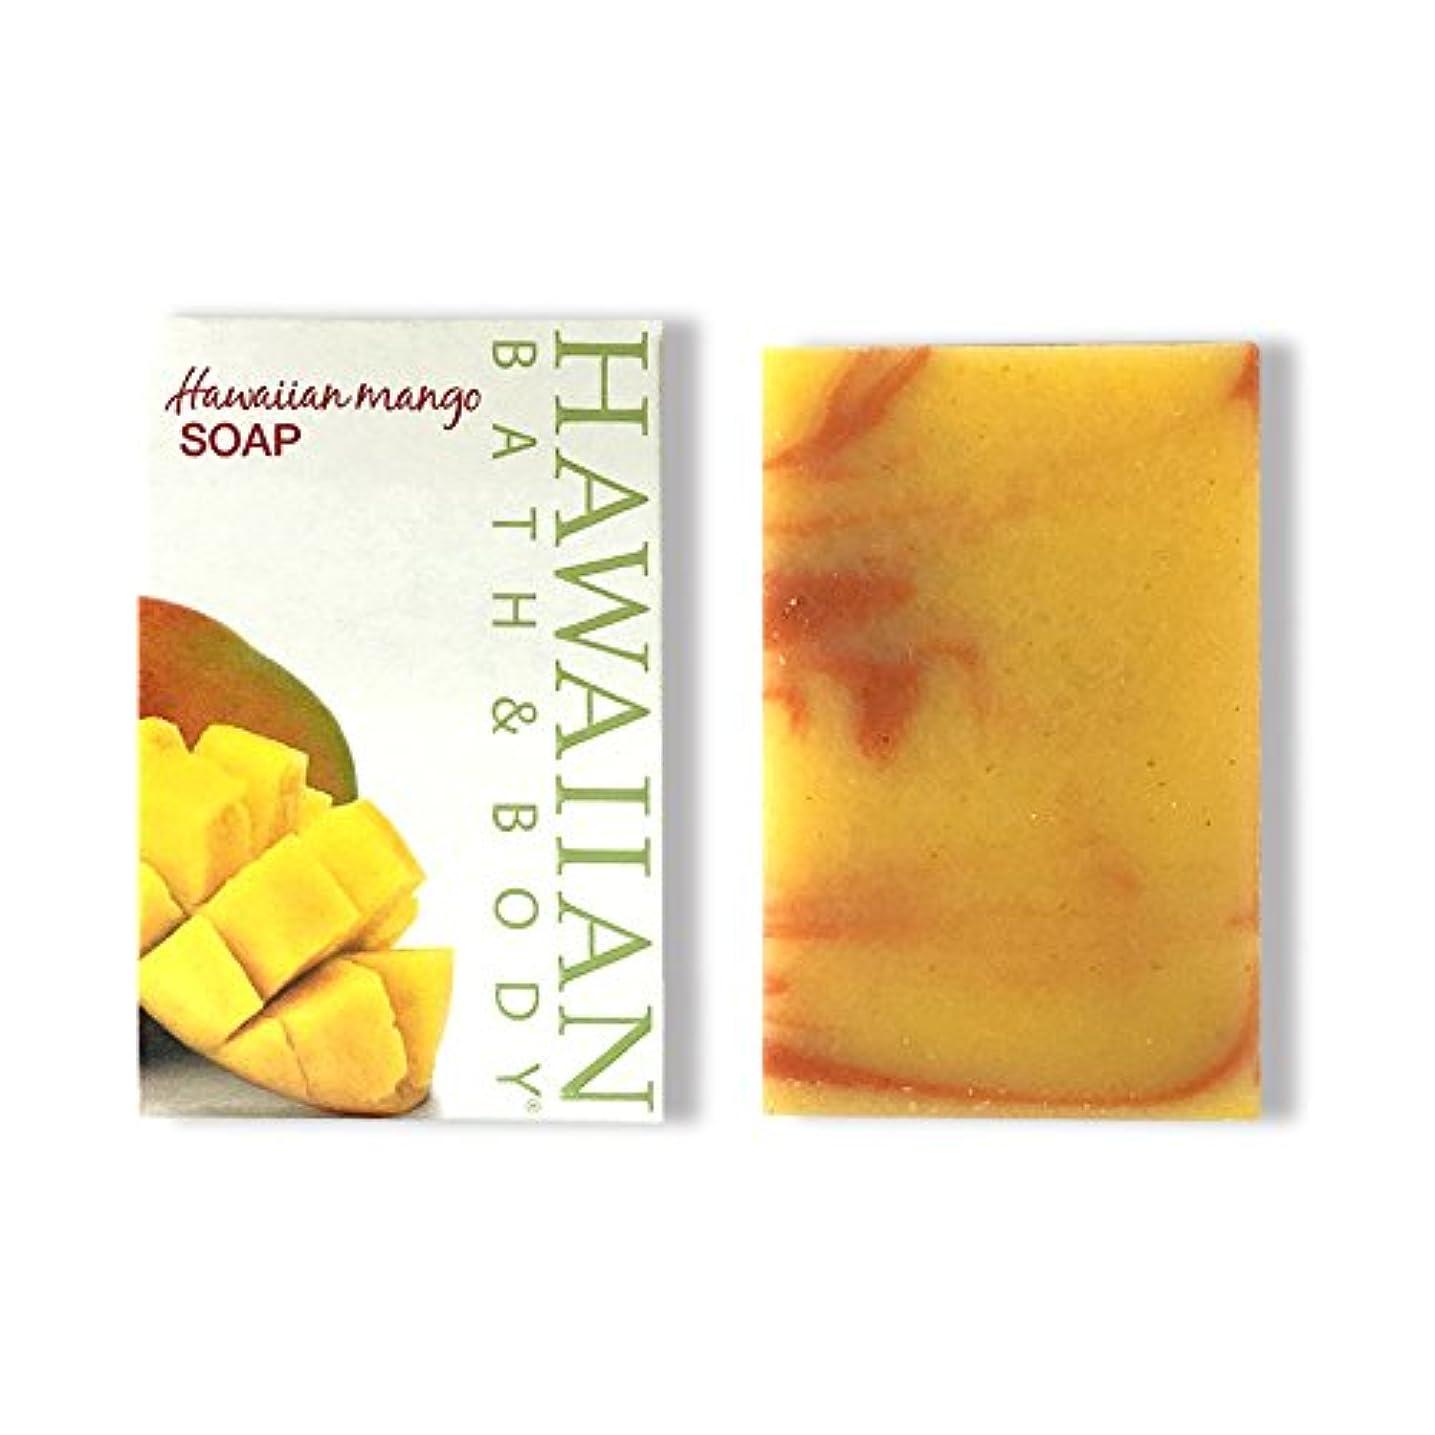 再び加入土砂降りハワイアンバス&ボディ ハワイアンマンゴーソープ ( Hawaiian Mango Soap )